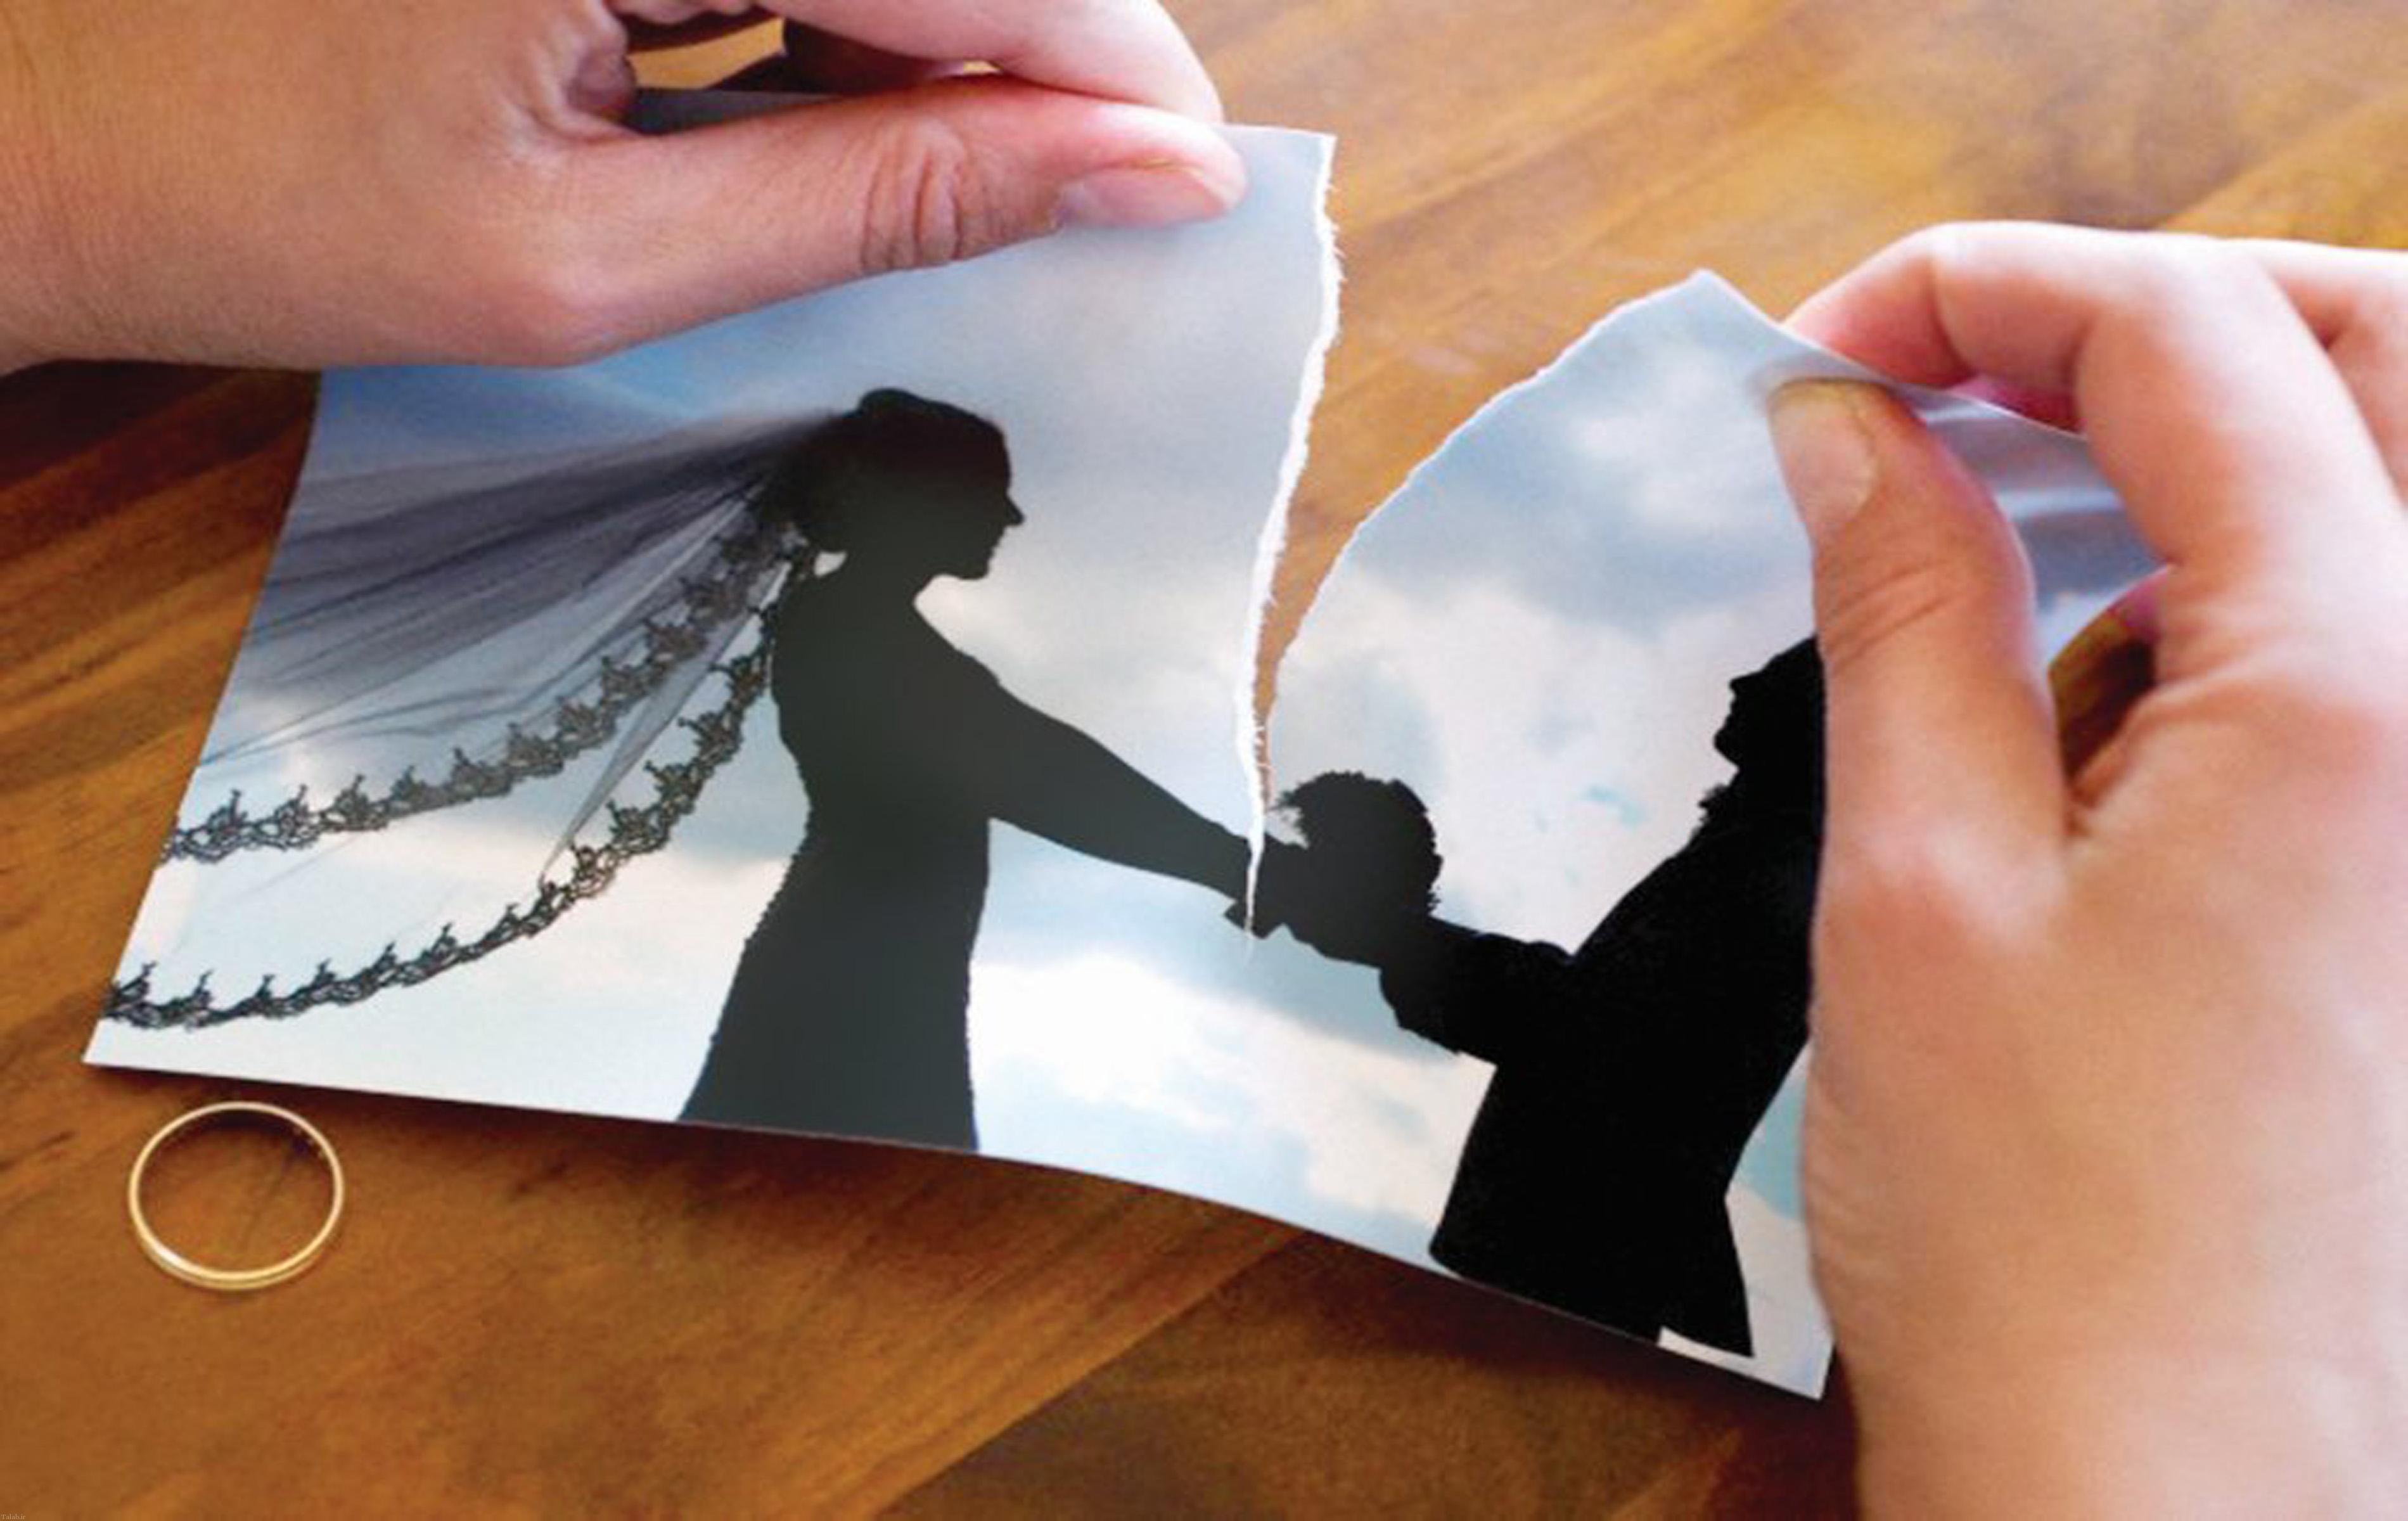 افزایش 25 درصدی طلاق در گچساران